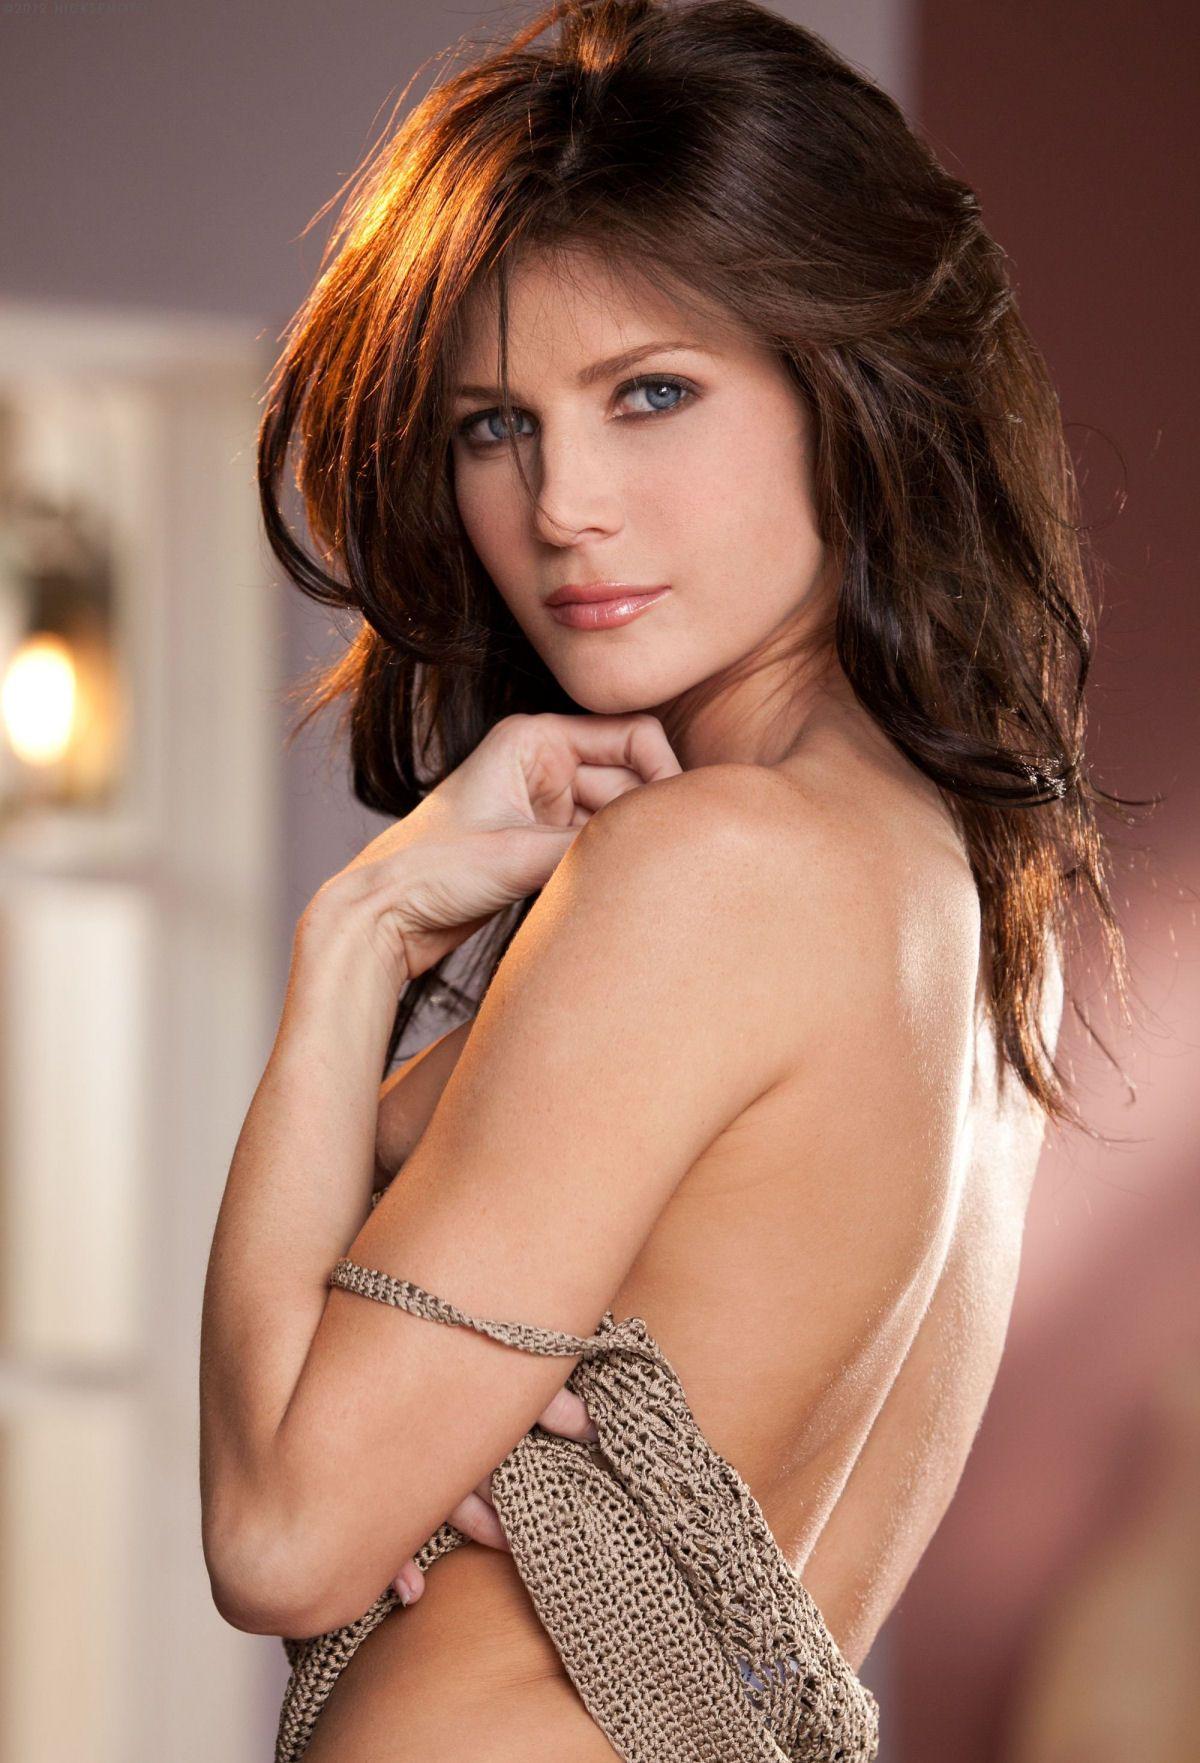 Hết thời, nữ diễn viên đẹp như nữ thần phải sống trong ống cống - 1